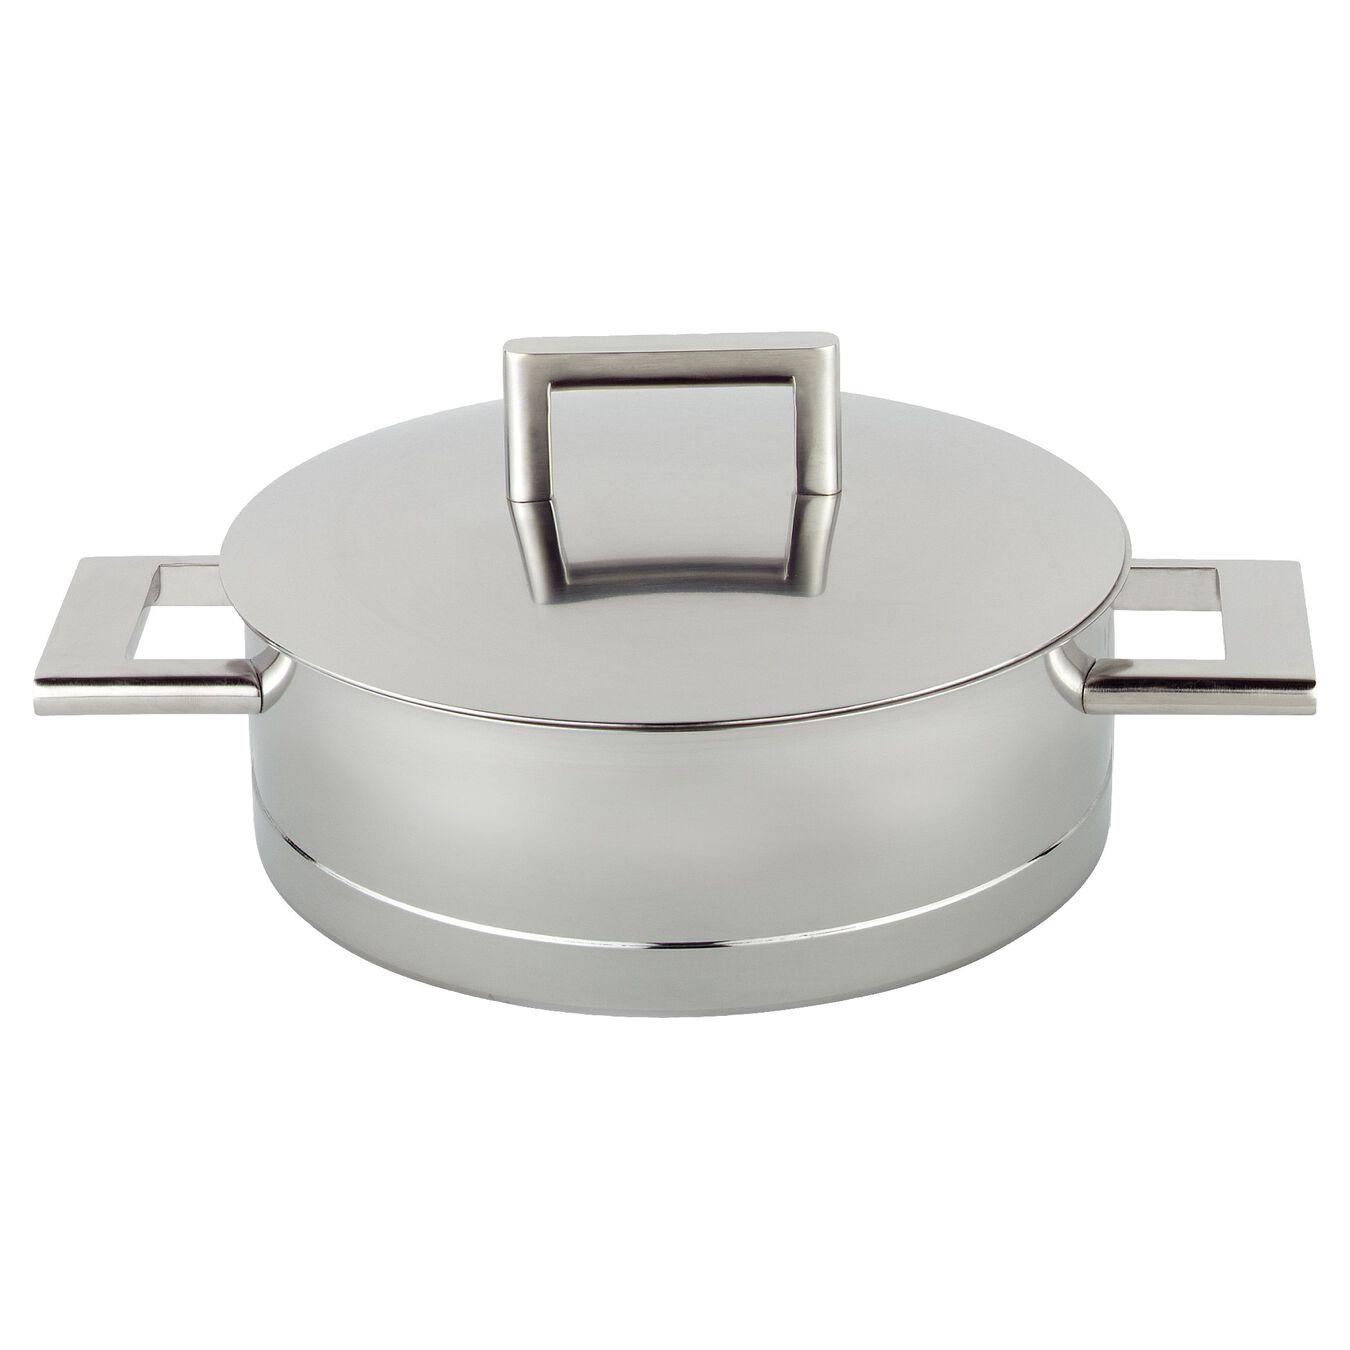 Sığ Tencere Kapaklı | 18/10 Paslanmaz Çelik | 4,75 l | Metalik Gri,,large 1